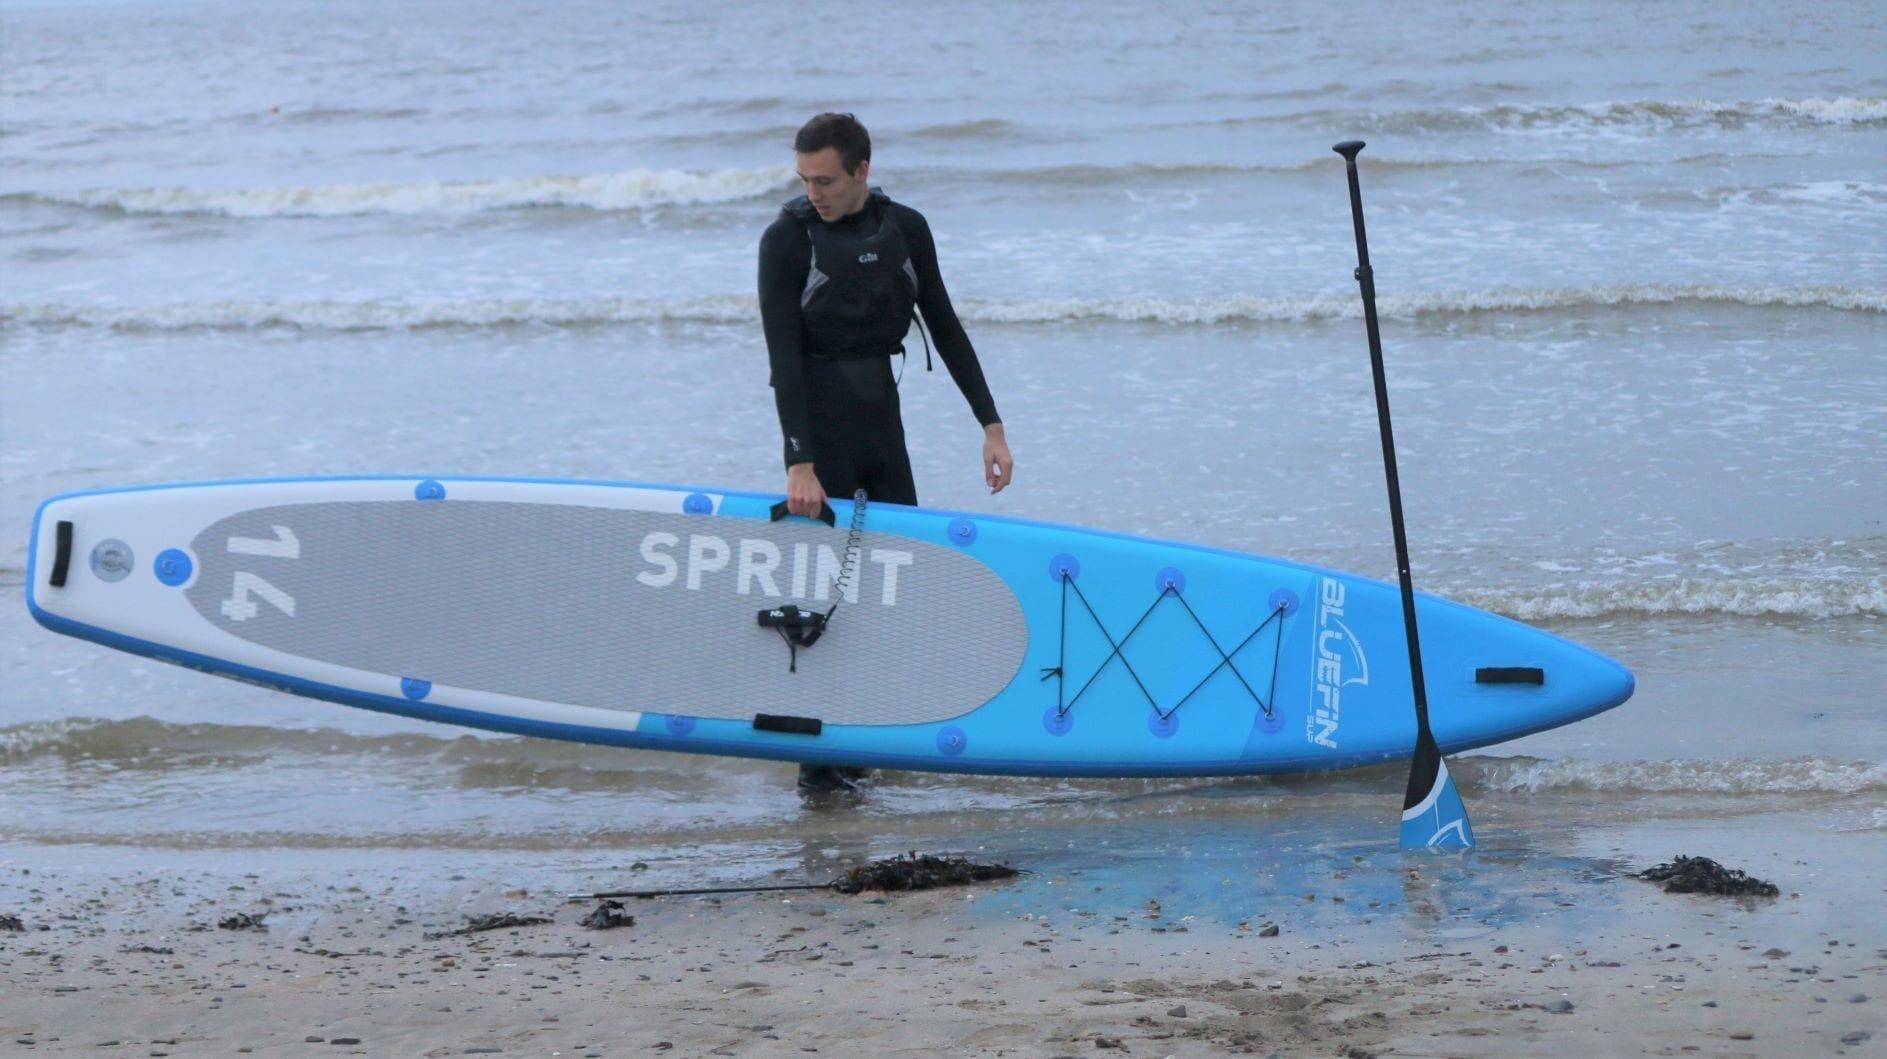 Harvey Merrin holds Bluefin Sprint SUP on the beach